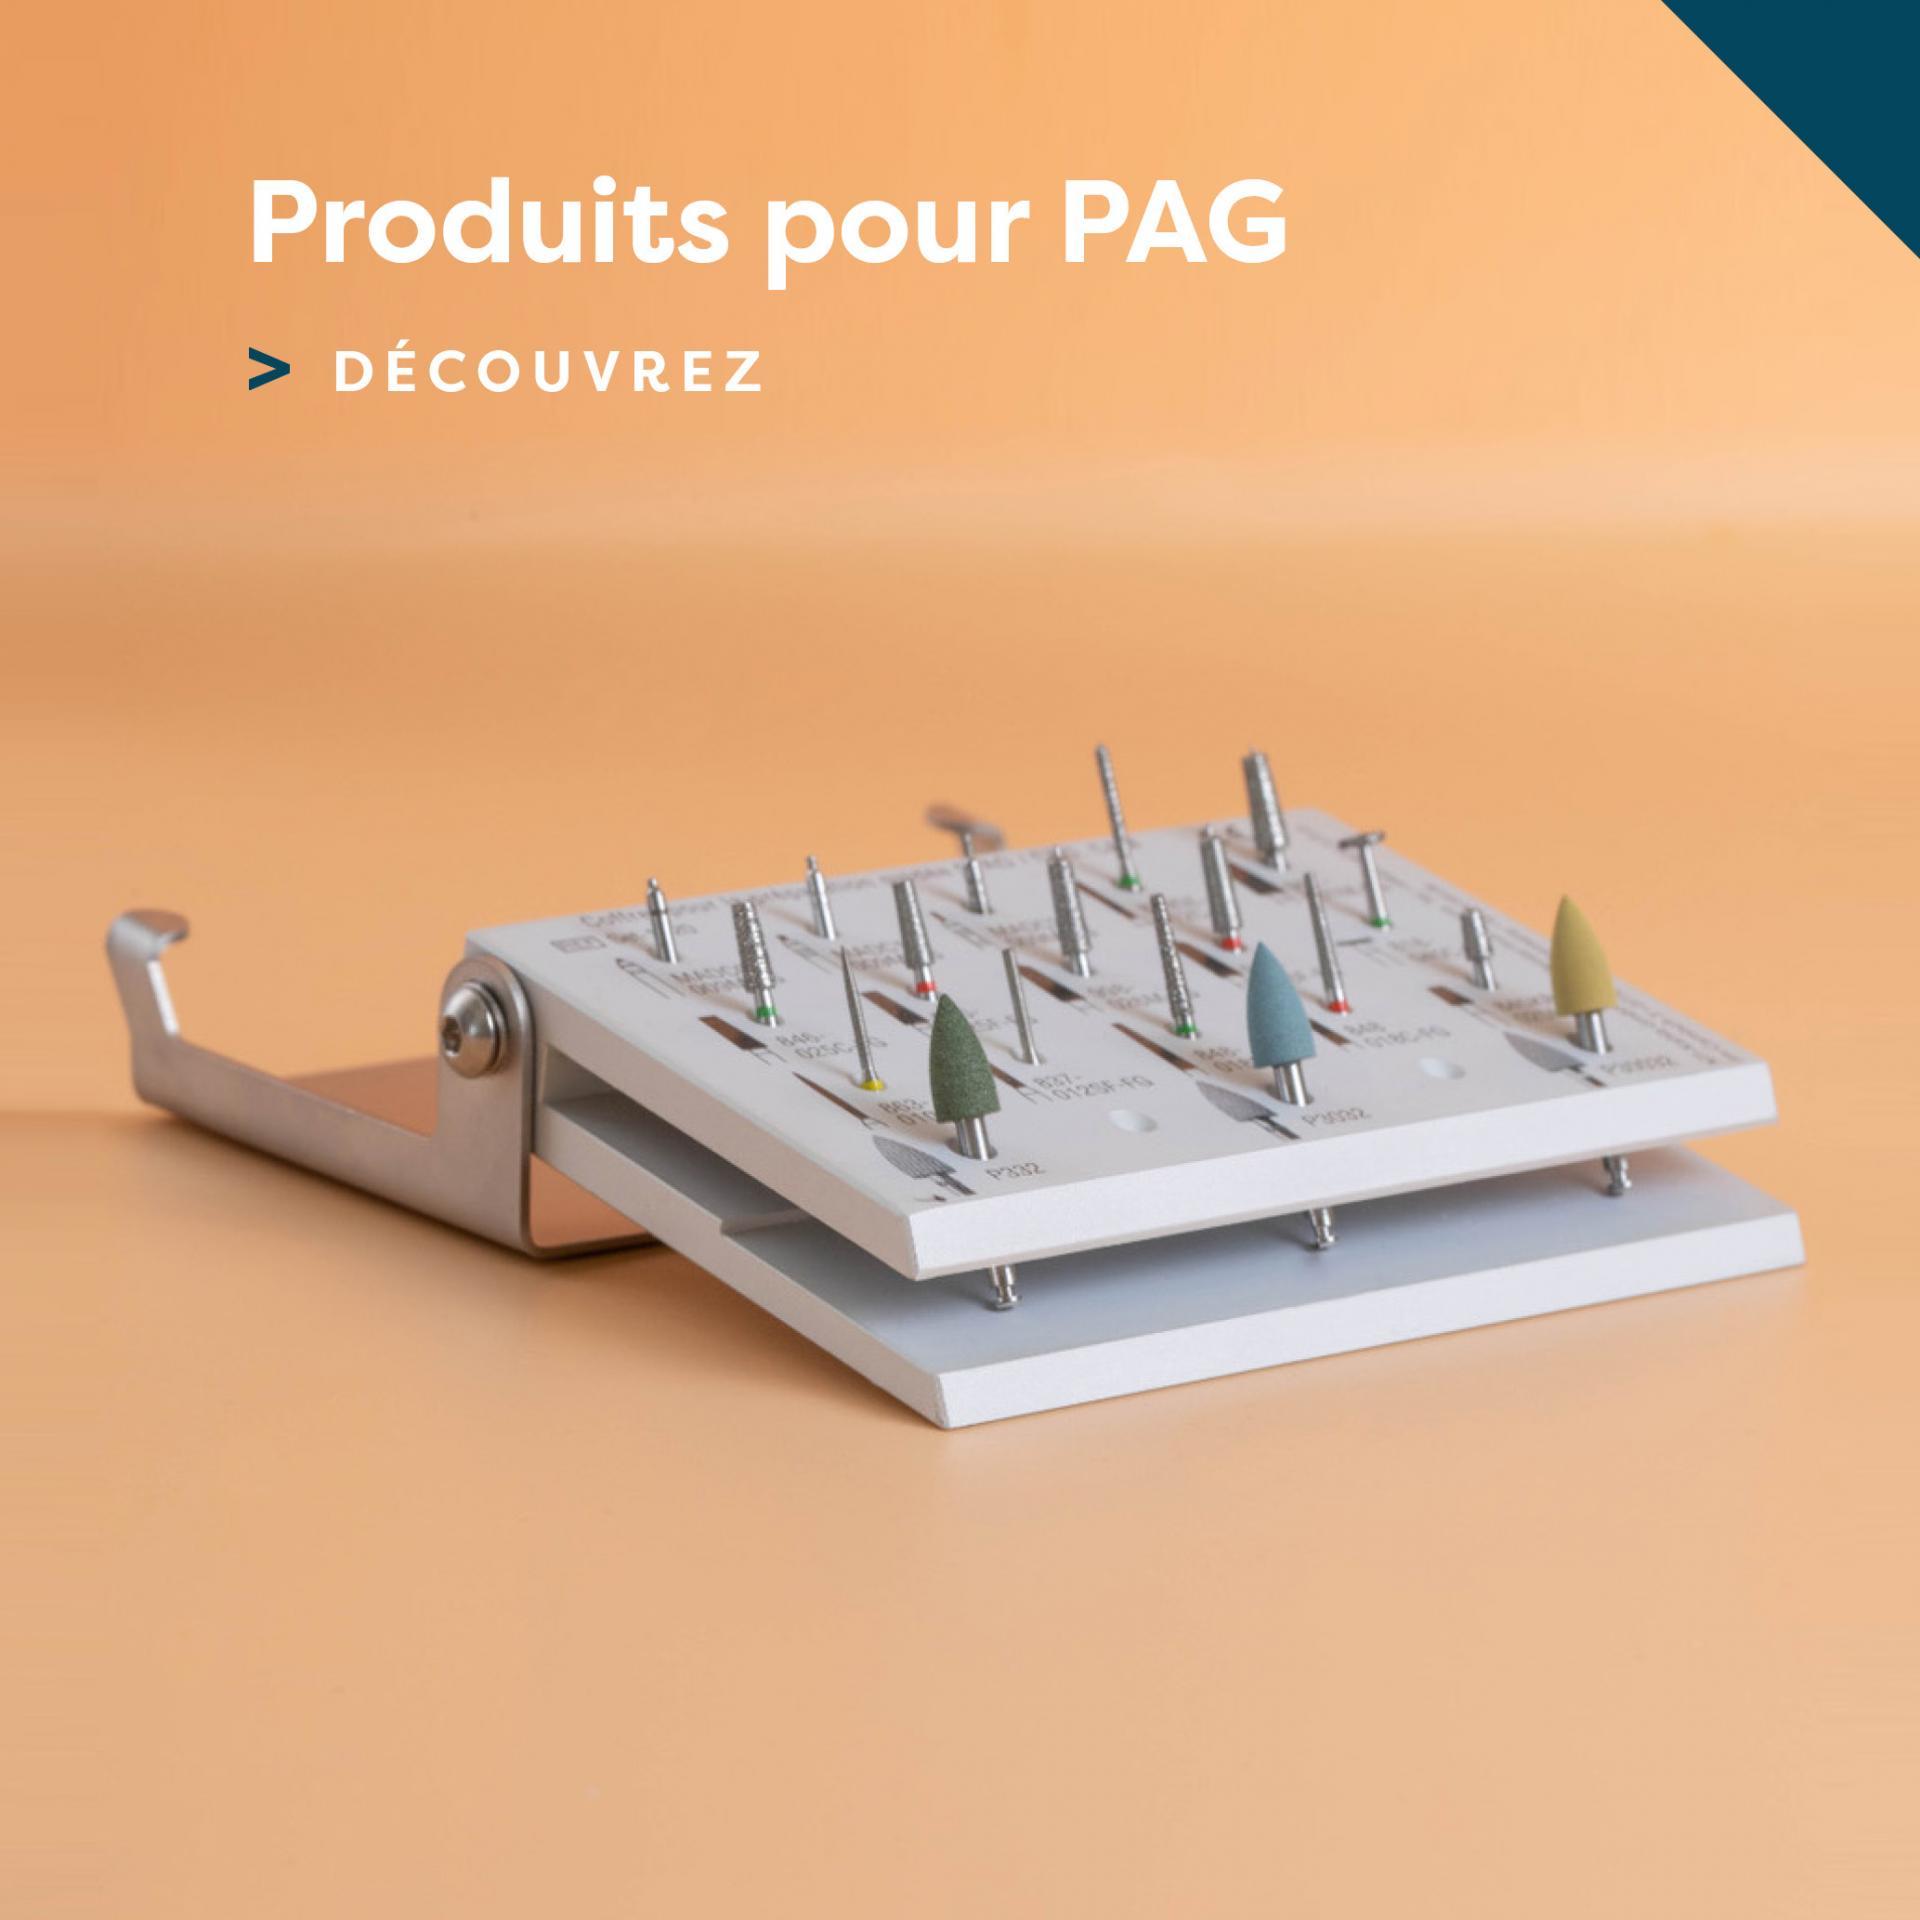 Produits pour PAG